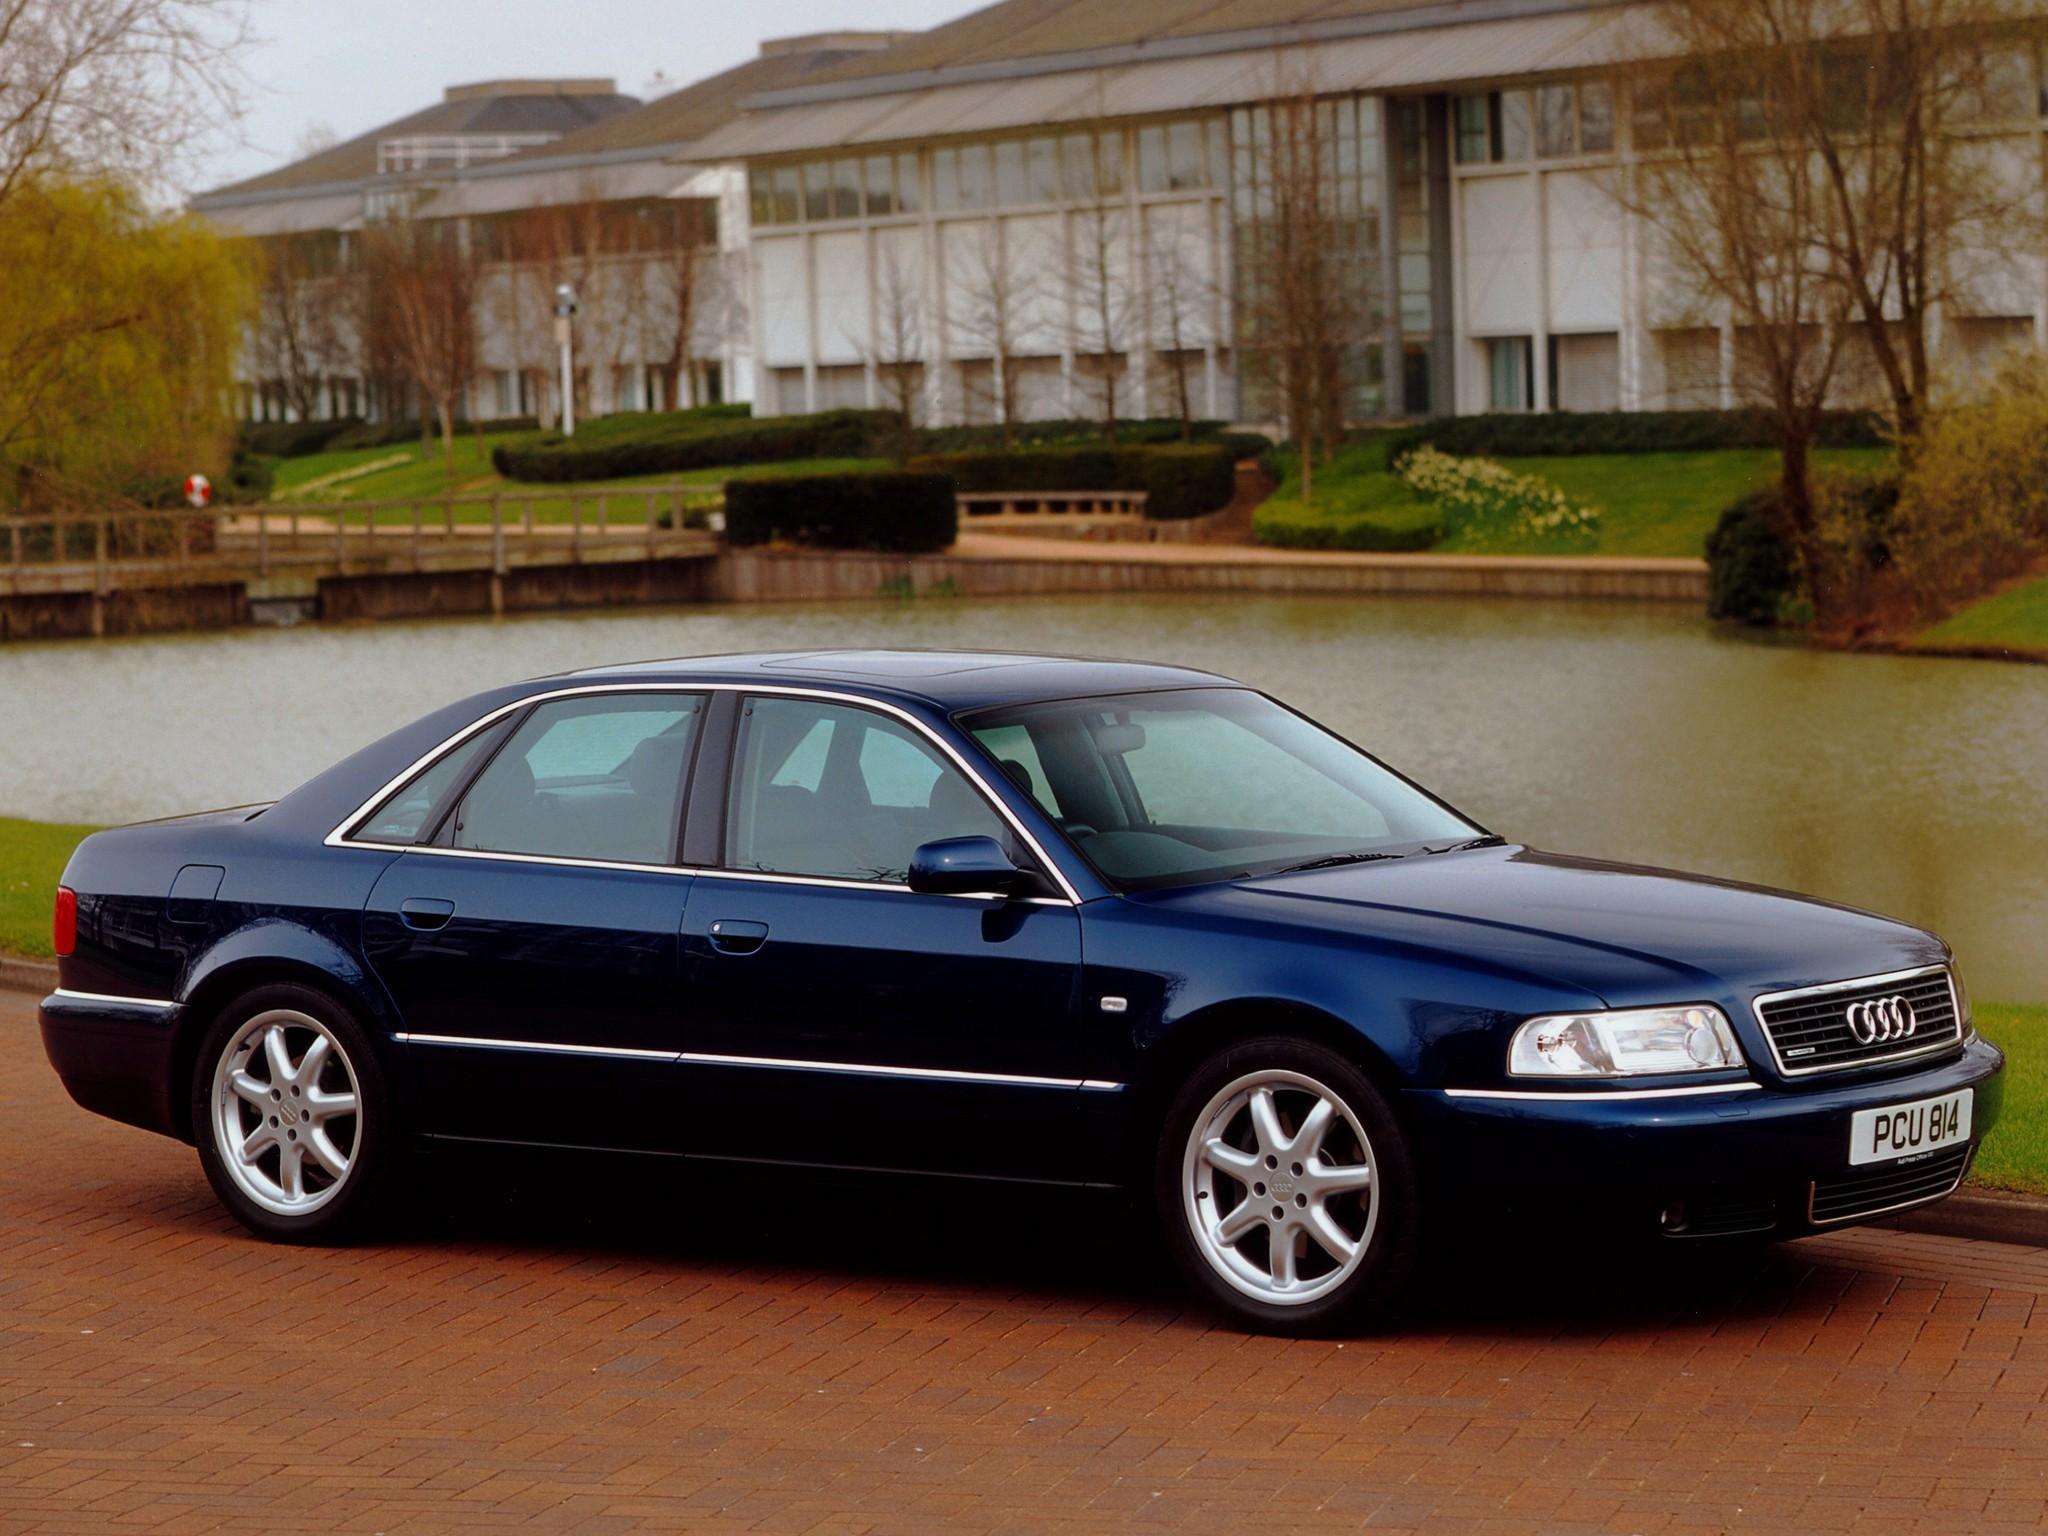 Audi A8 Interior >> AUDI A8 (D2) specs - 1999, 2000, 2001, 2002 - autoevolution